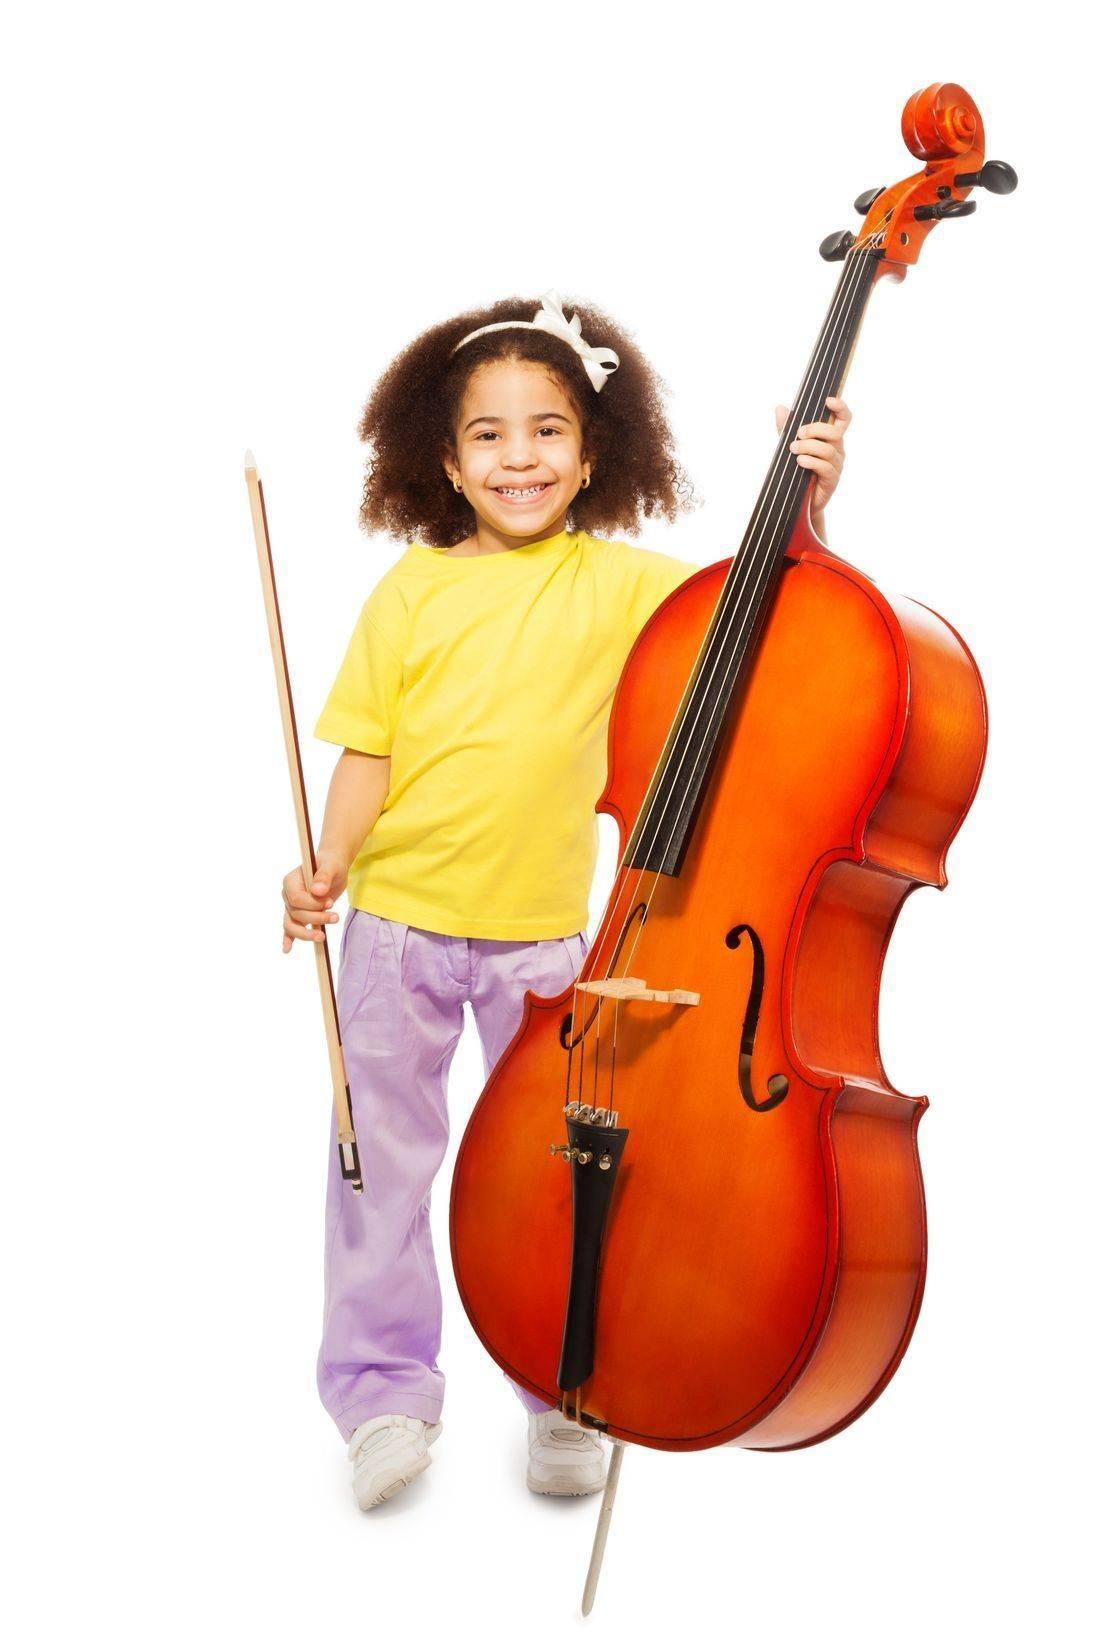 guitar, guitar lessons, electric guitar, music lessons, music, dunn nc, dunn, nc, dunn school of music, band instruments, band instrument lessons, band